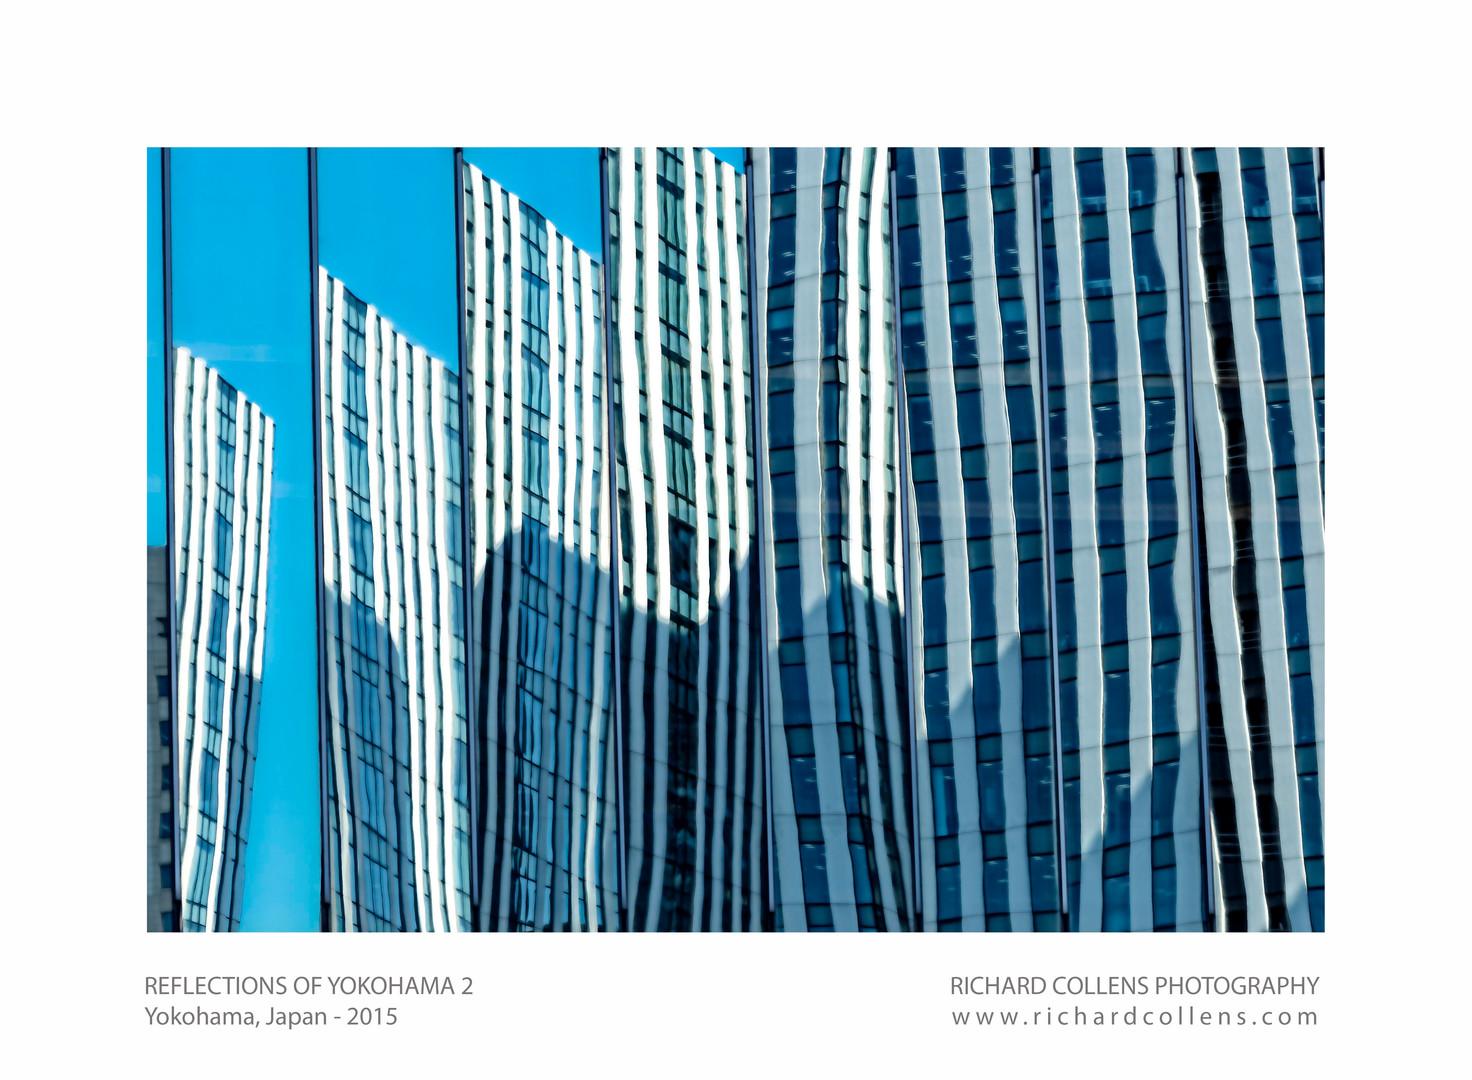 Reflections of Yokohama 2